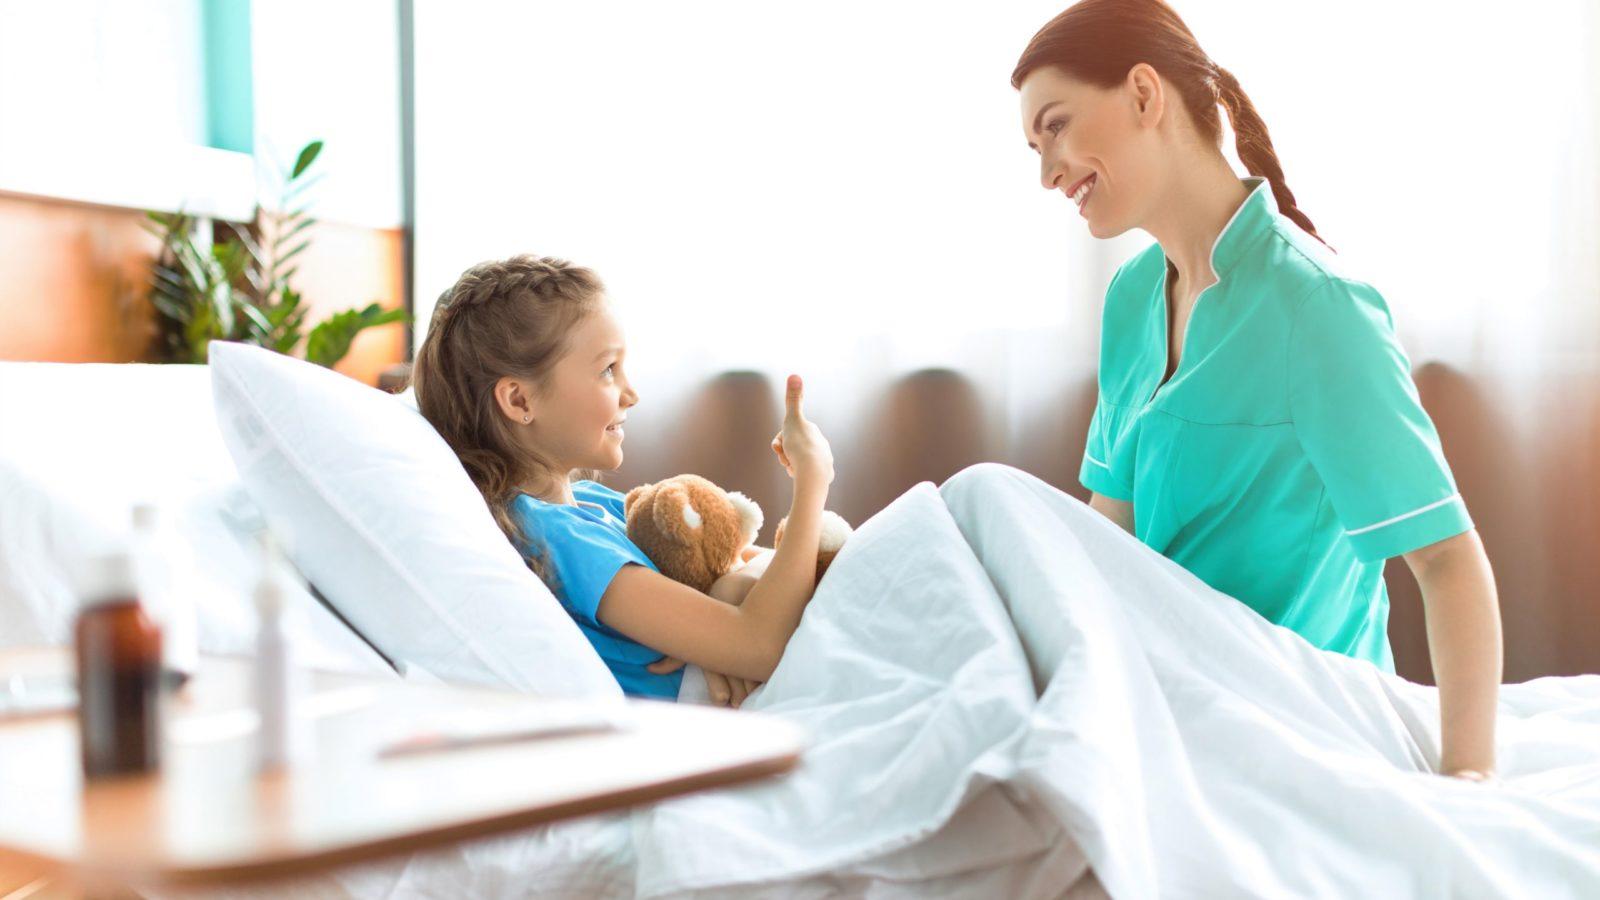 Kategoriebild Kinder - Mädchen im Krankenbett mit Krankenschwester, die auf dem Bett sitzt